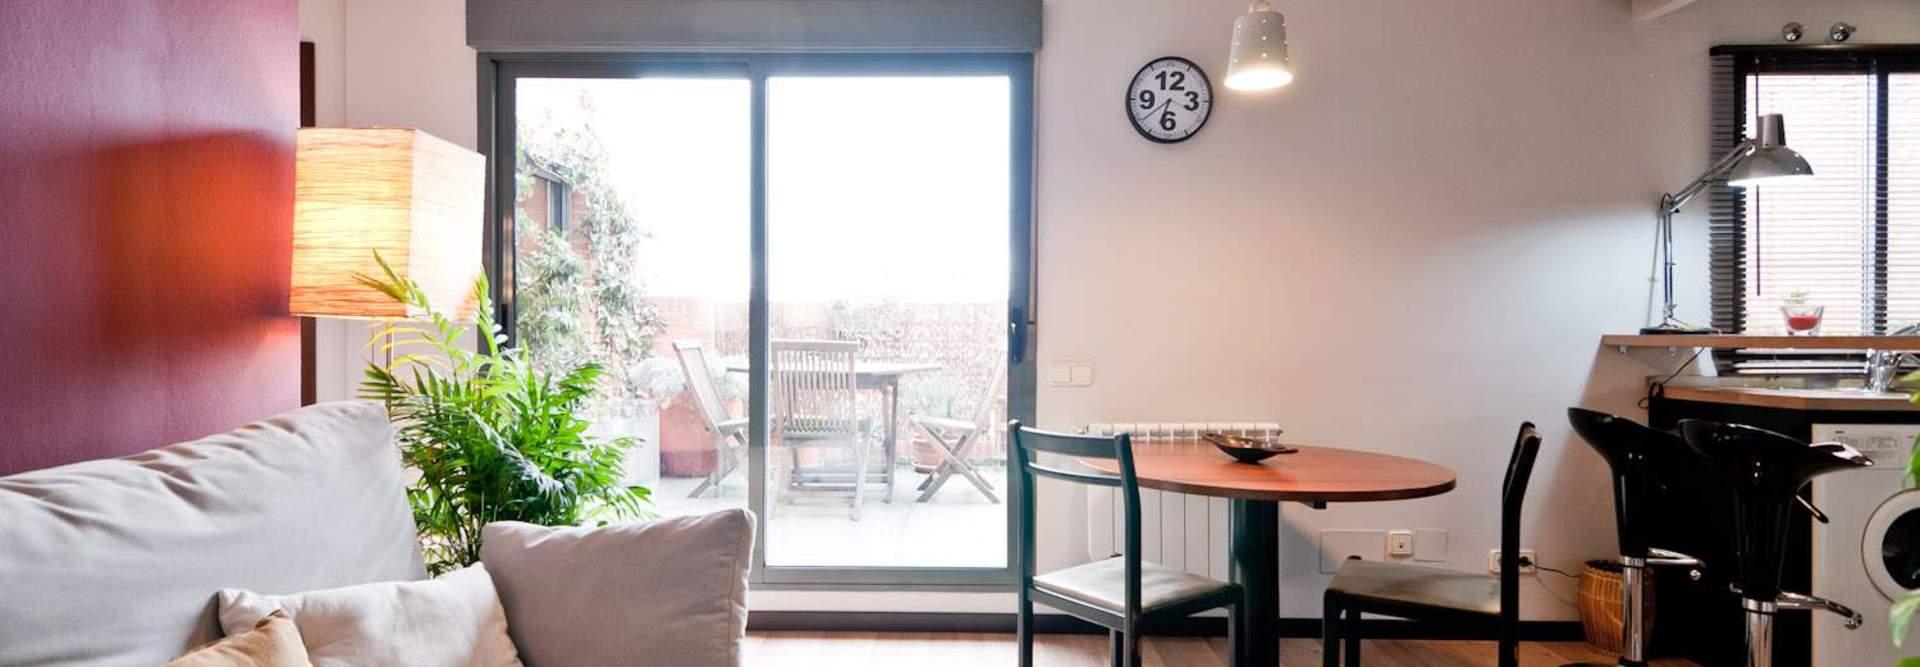 Alquiler de apartamentos por d as bilbao centro - Apartamentos bilbao por dias ...